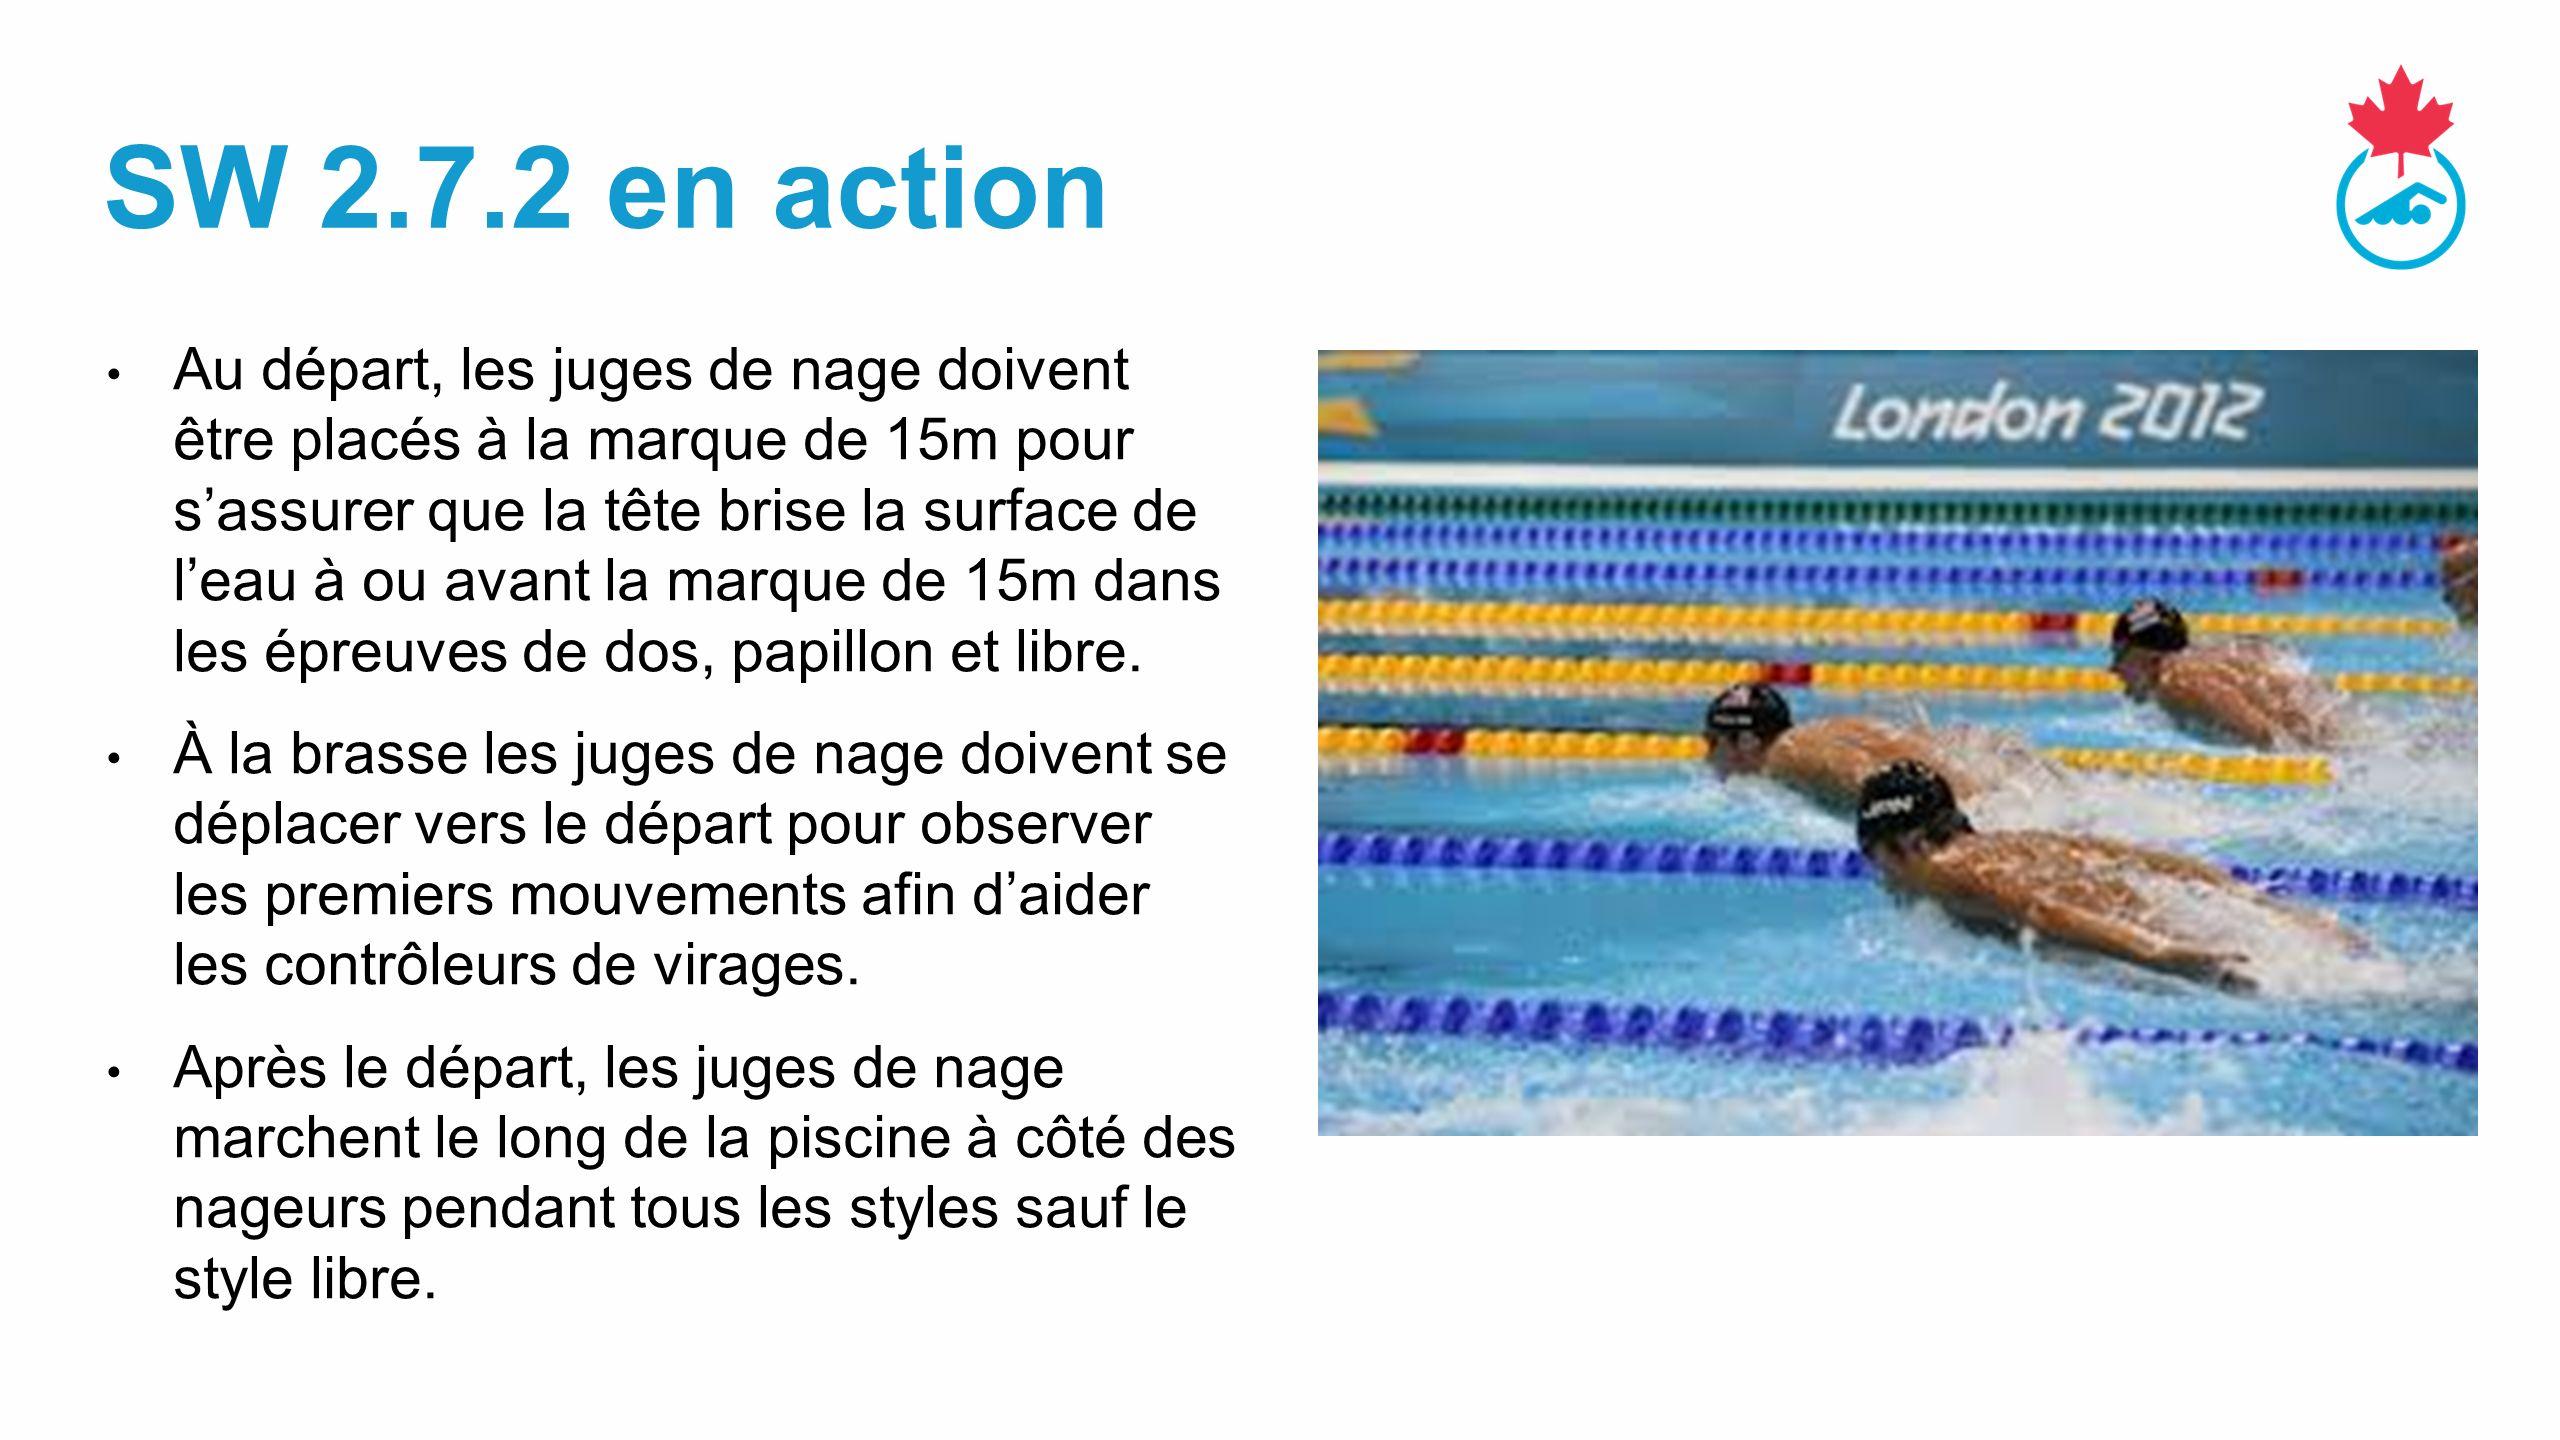 SW 2.7.2 en action Au départ, les juges de nage doivent être placés à la marque de 15m pour s'assurer que la tête brise la surface de l'eau à ou avant la marque de 15m dans les épreuves de dos, papillon et libre.